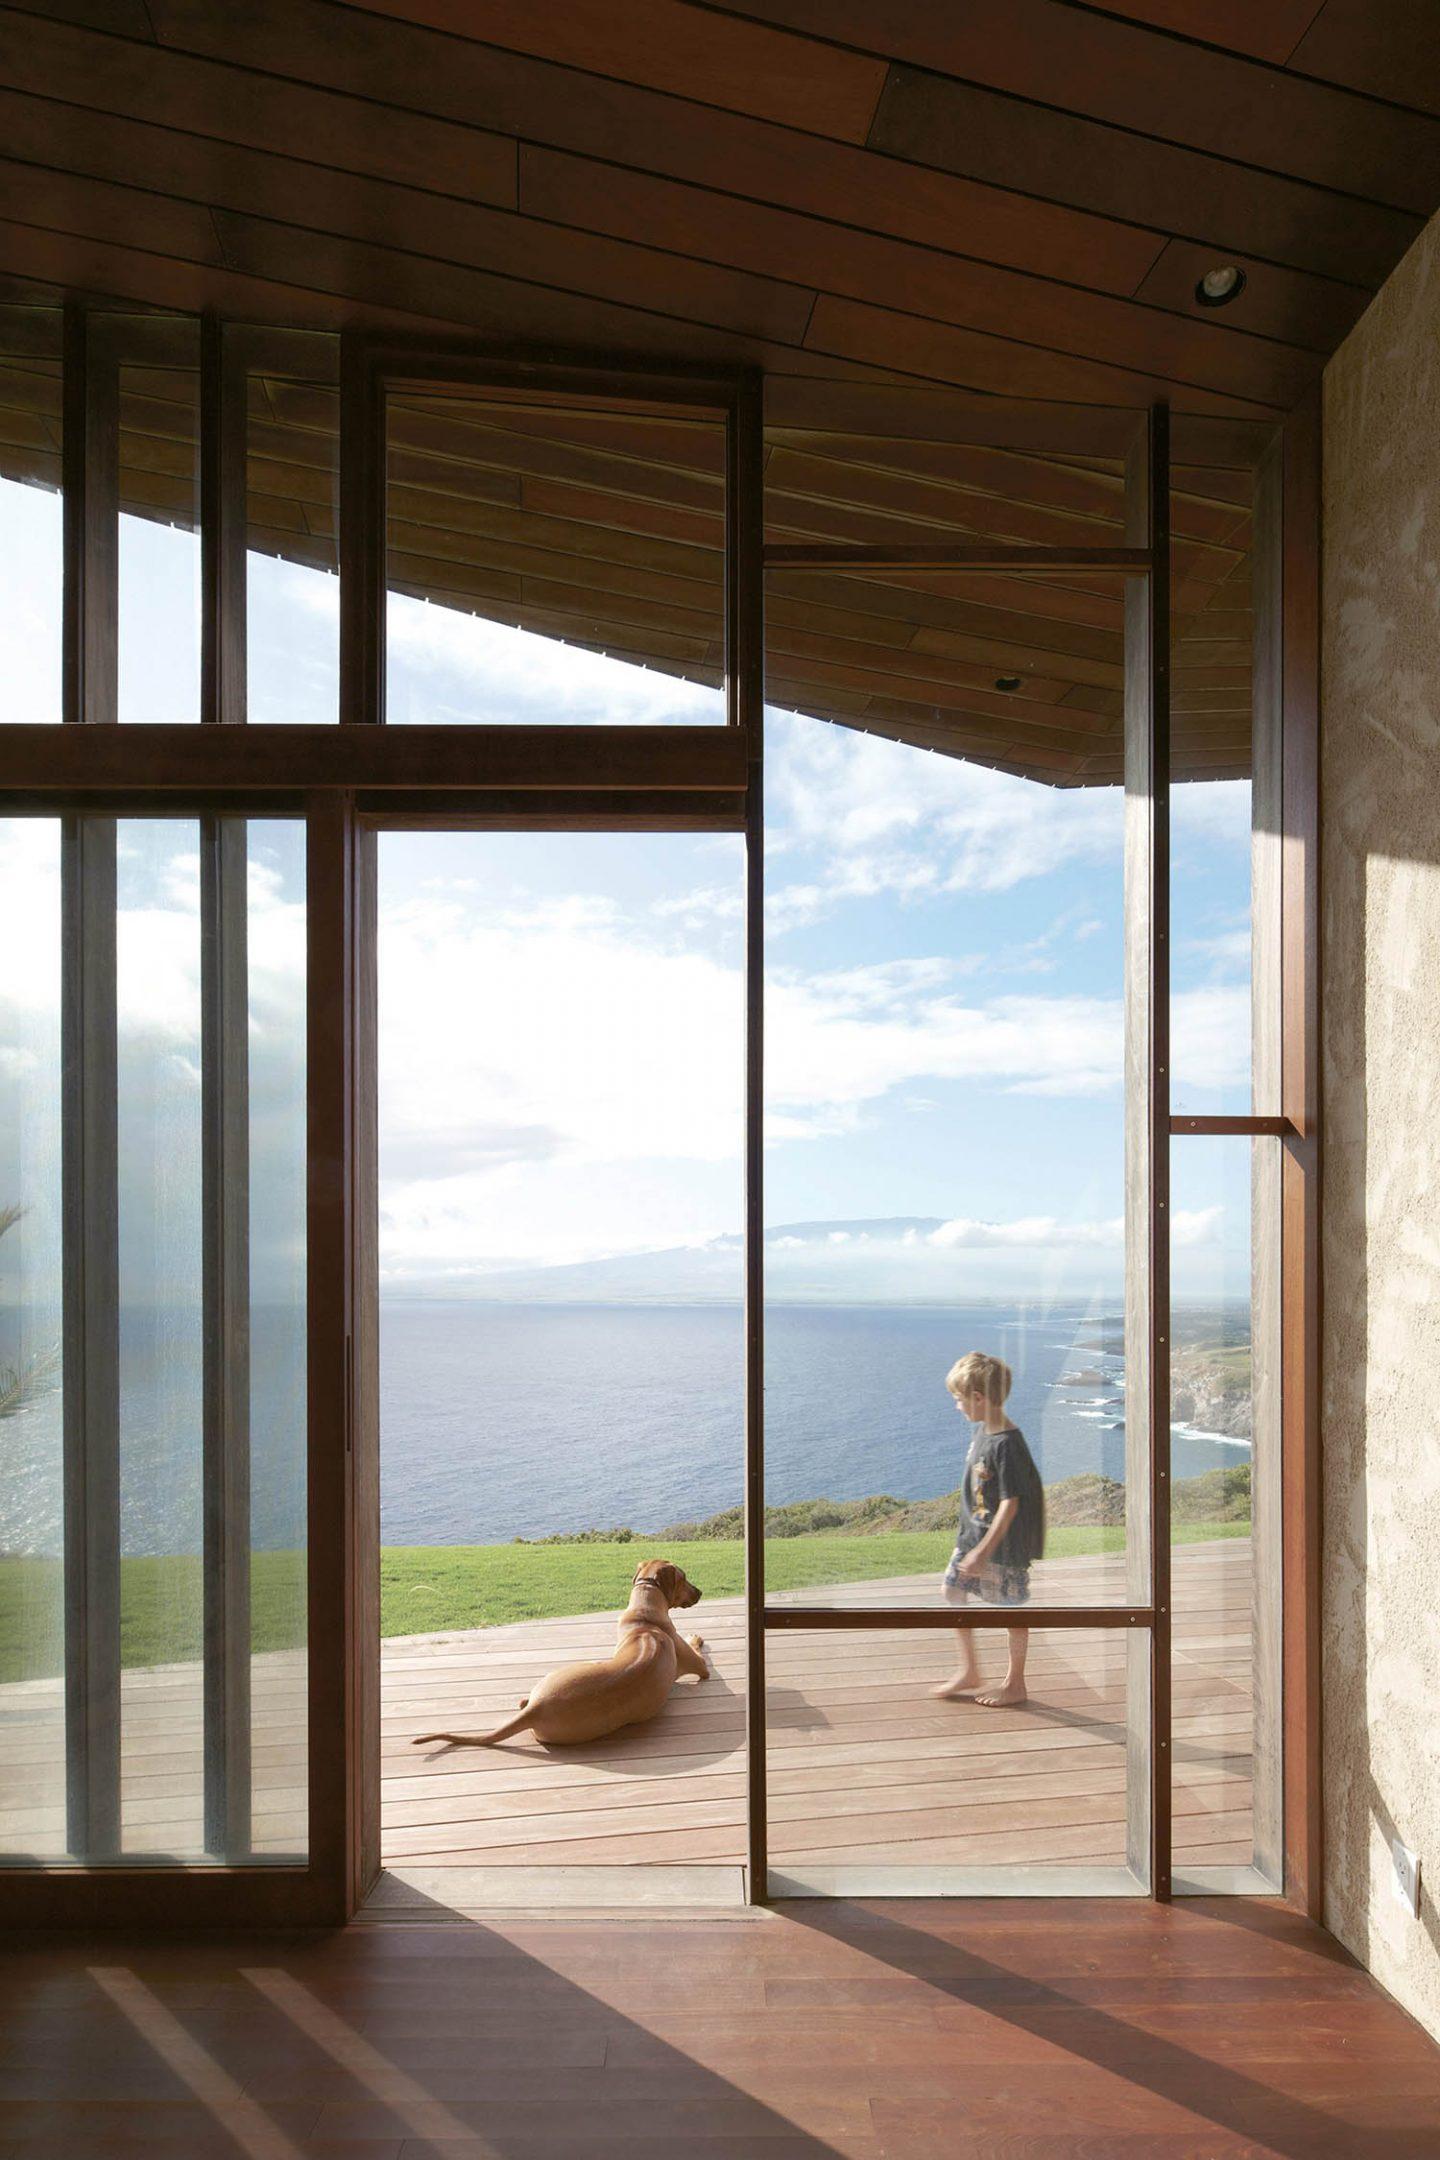 Architecture_ClifftopHouse_DeklevaGregoričArhitekti_04